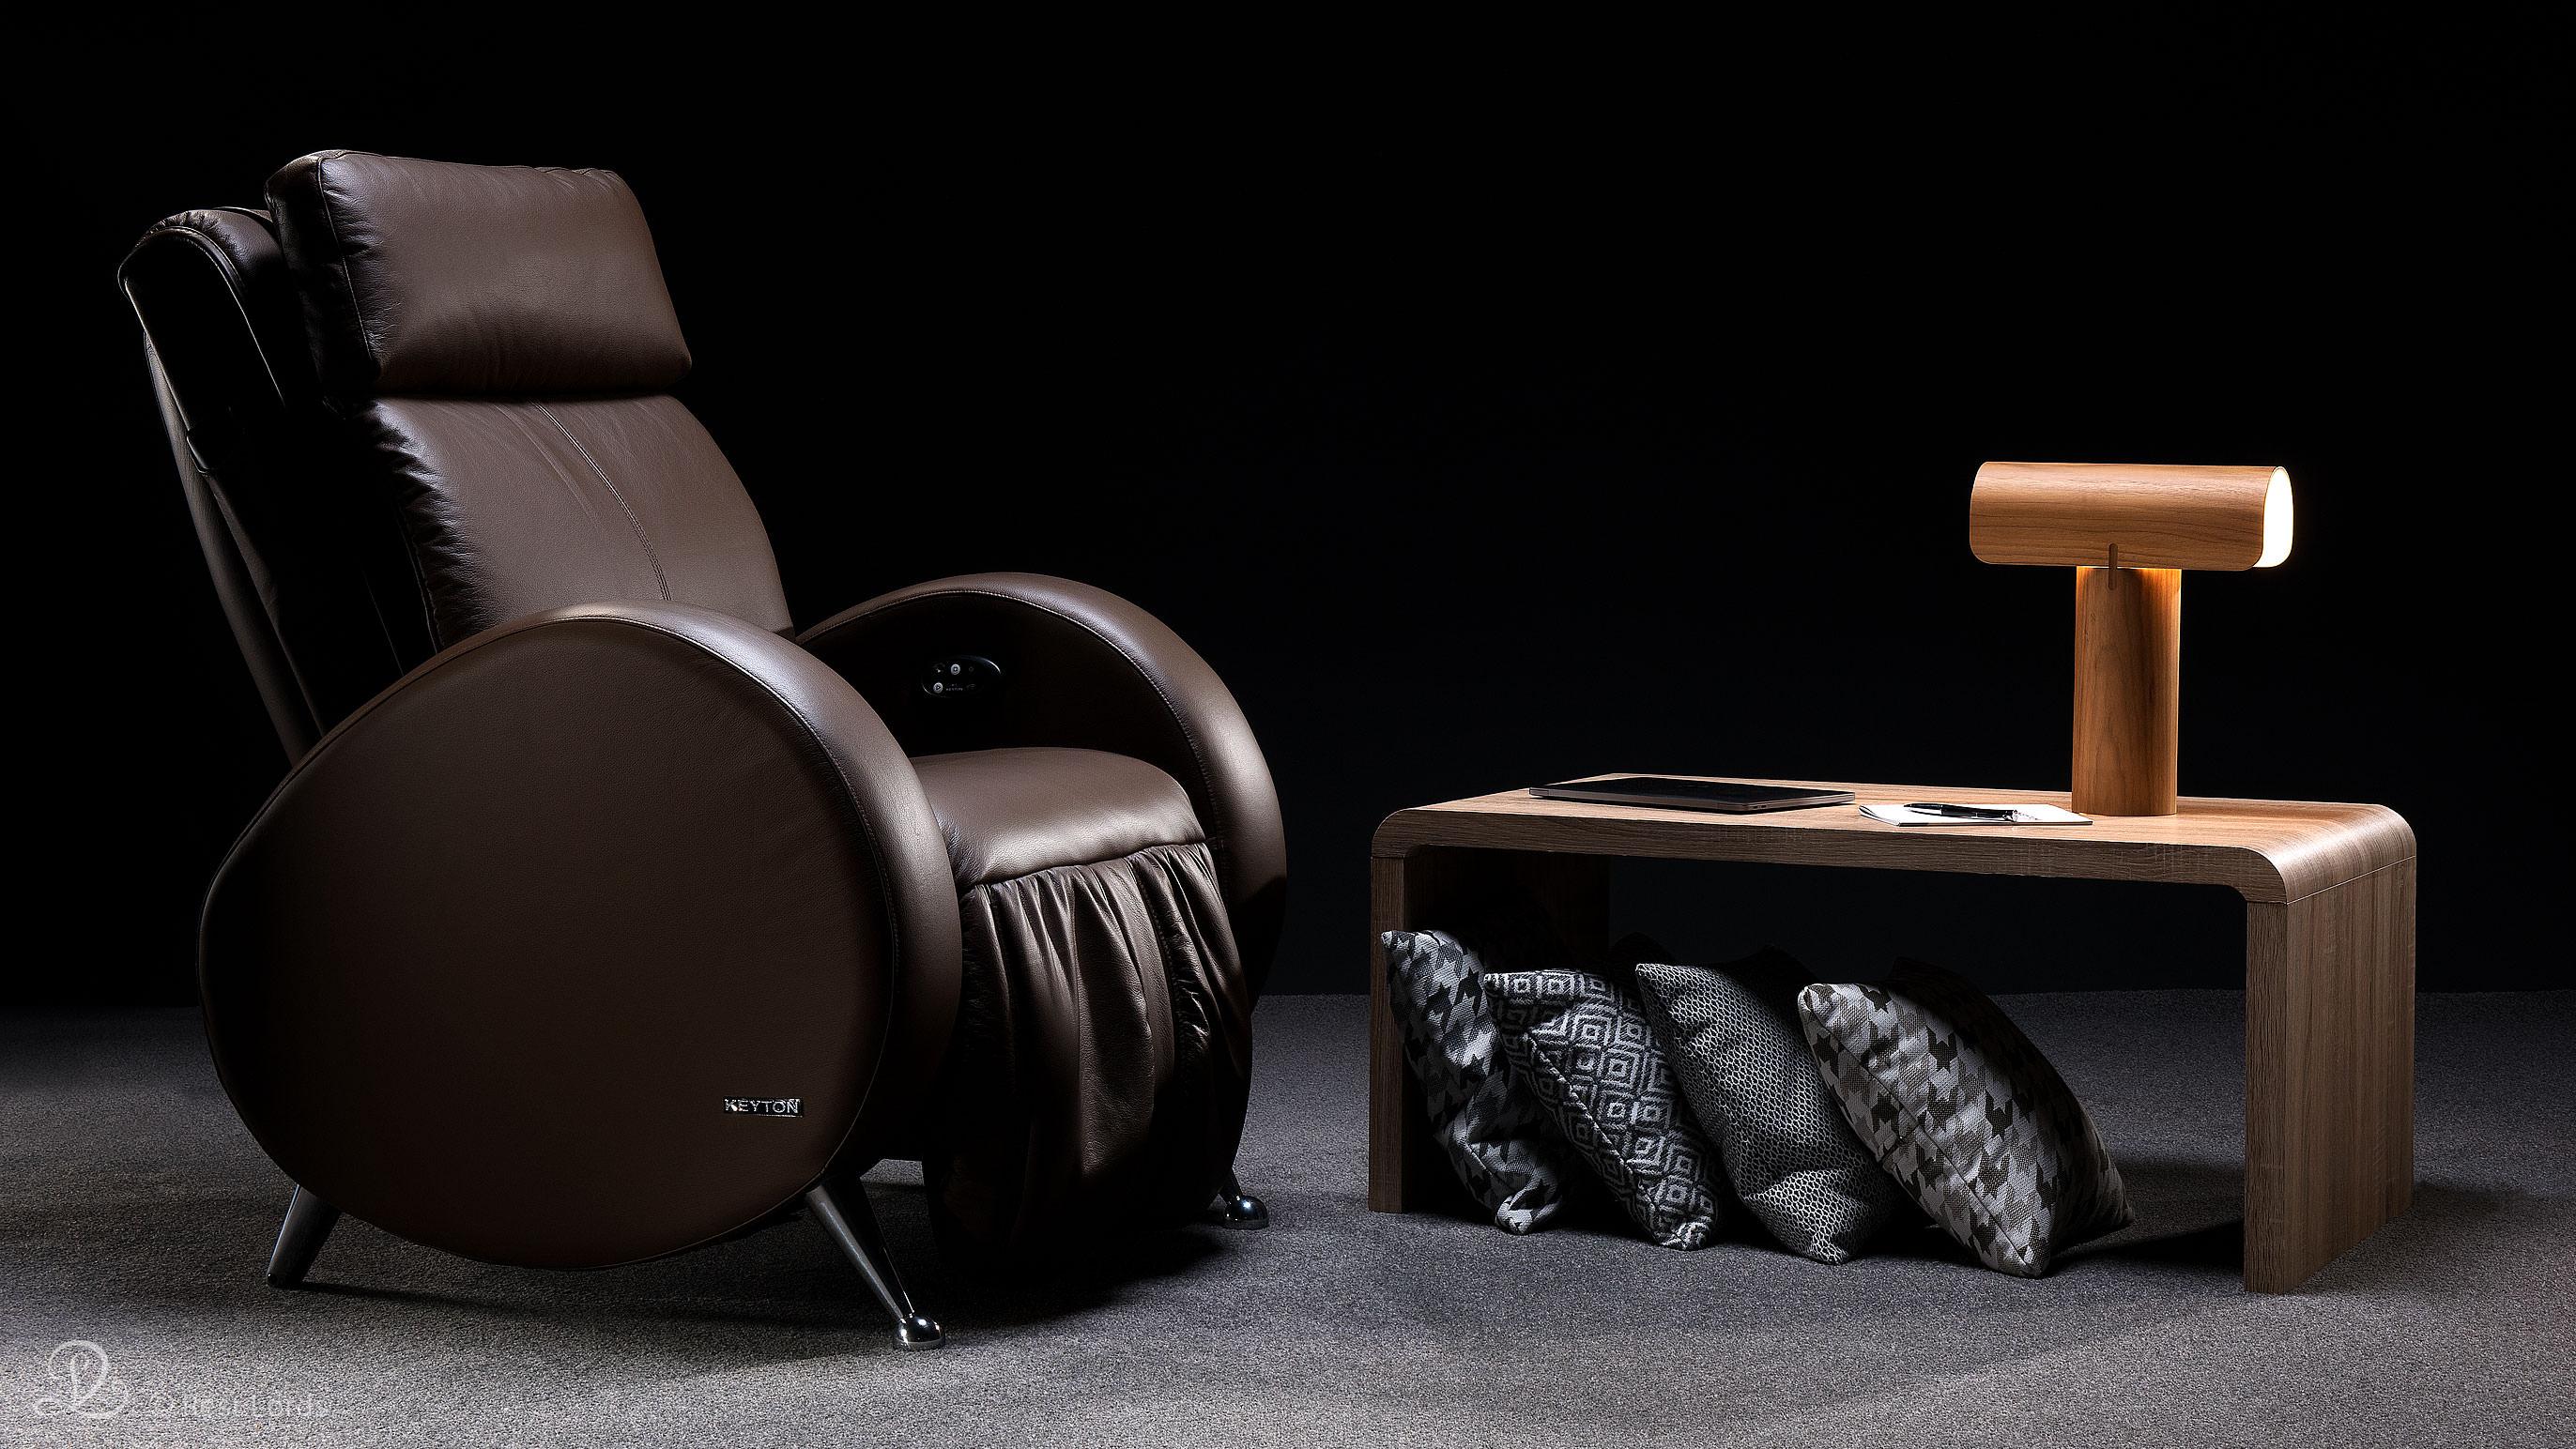 Fotel masujący Keyton H10 Retro aranżacja